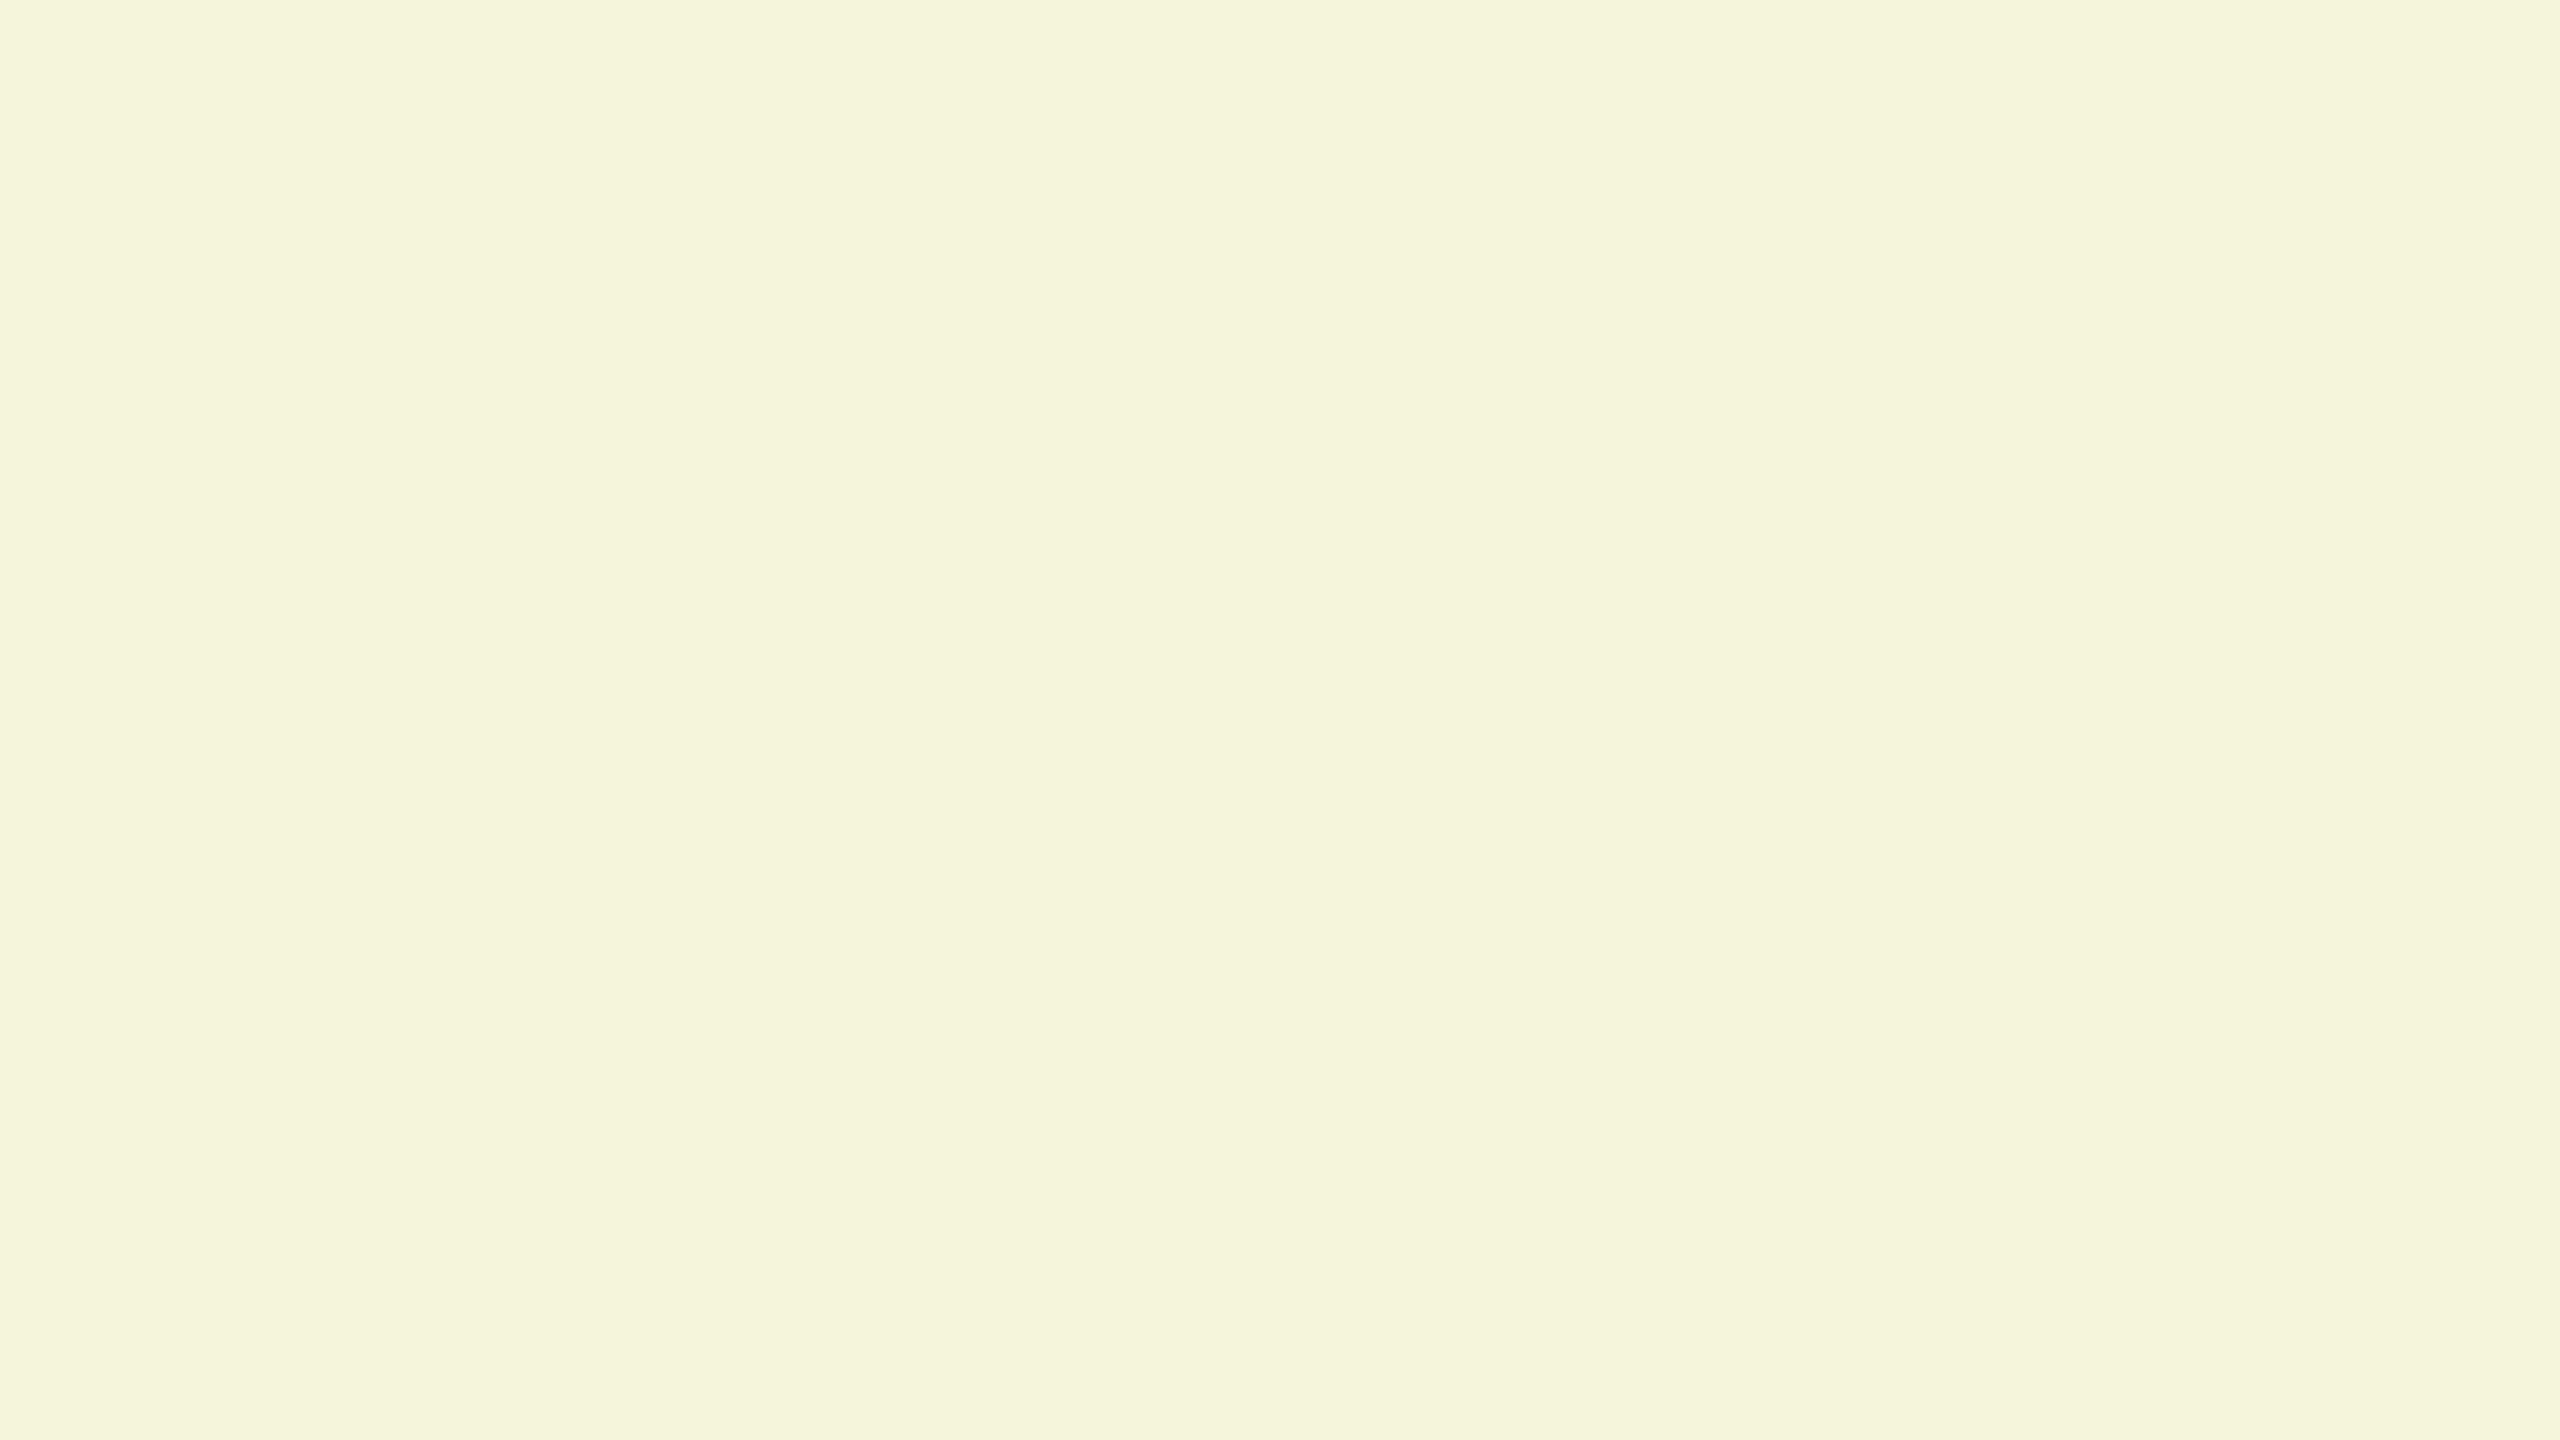 background color solid beige images 1295255